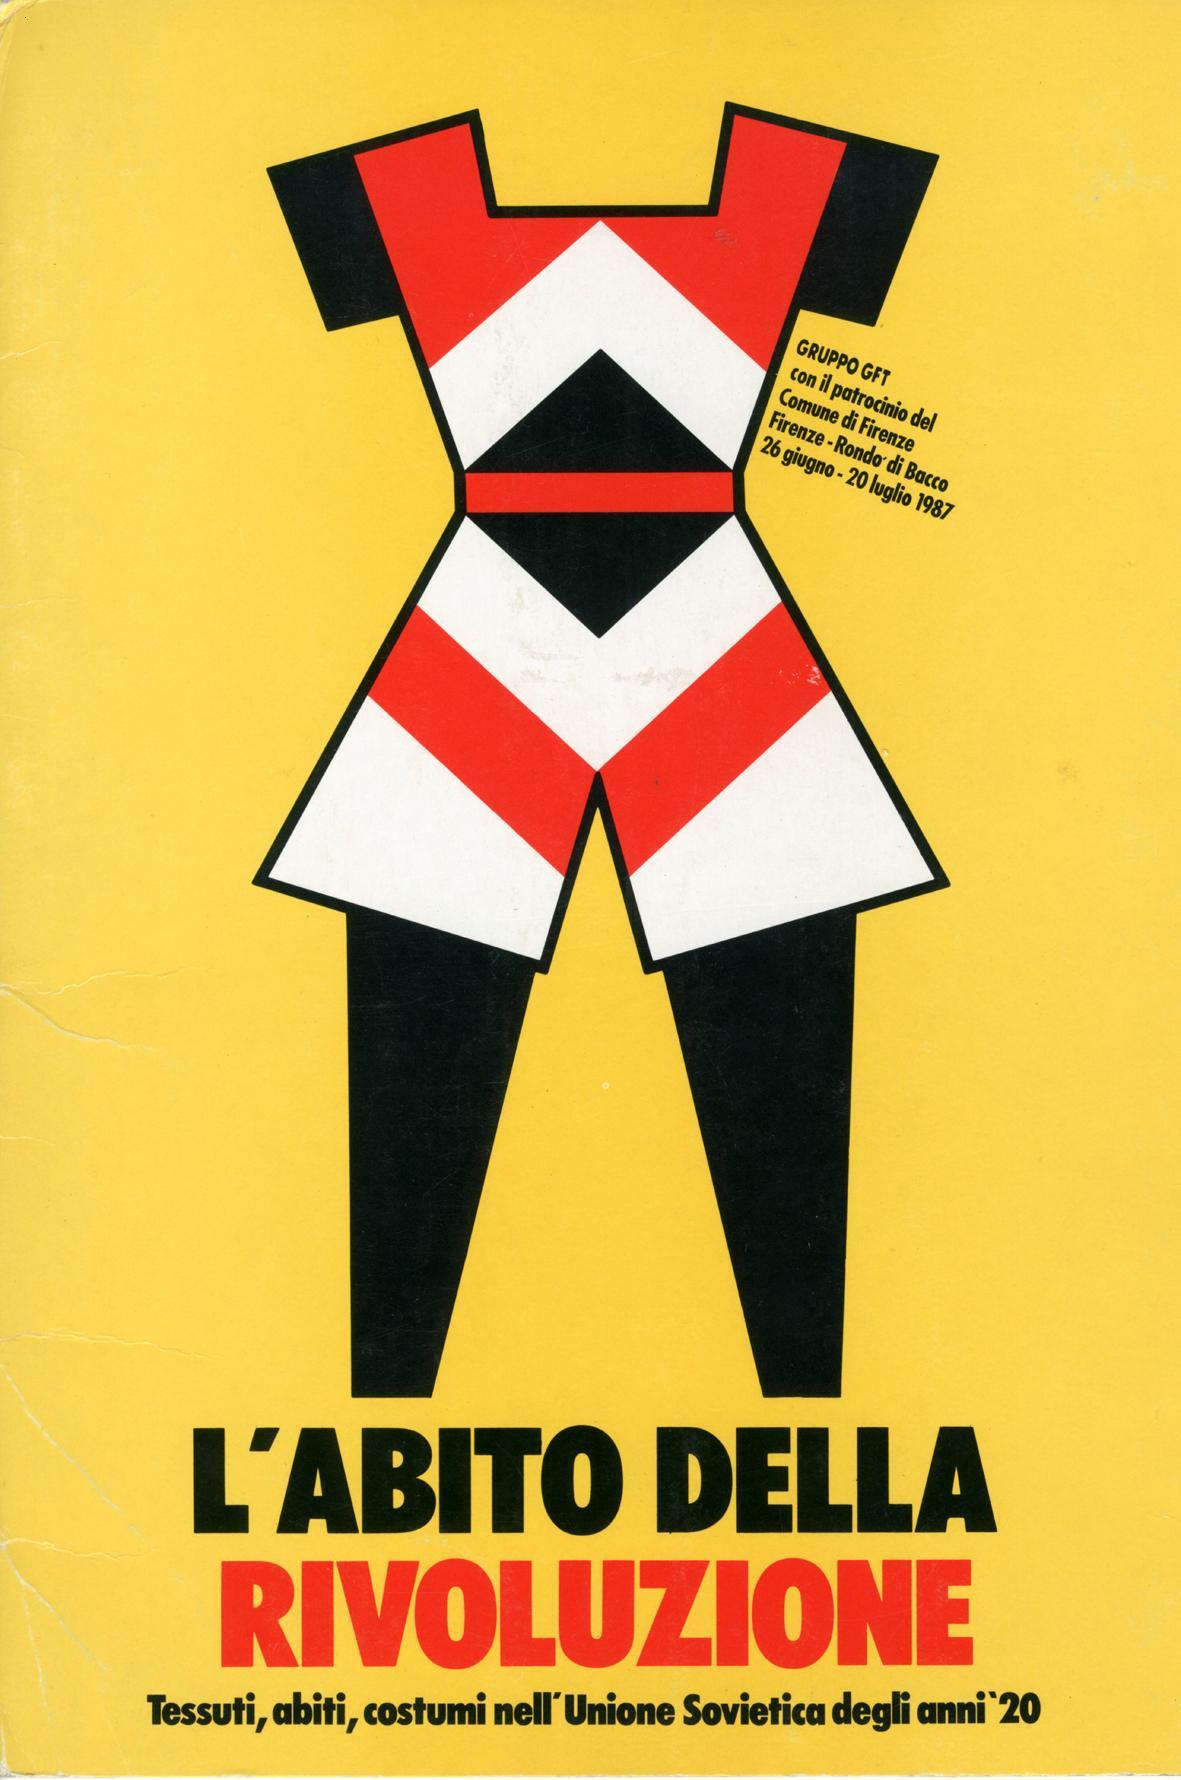 4-L'abito della rivoluzione 1987, Massimo Dolcini